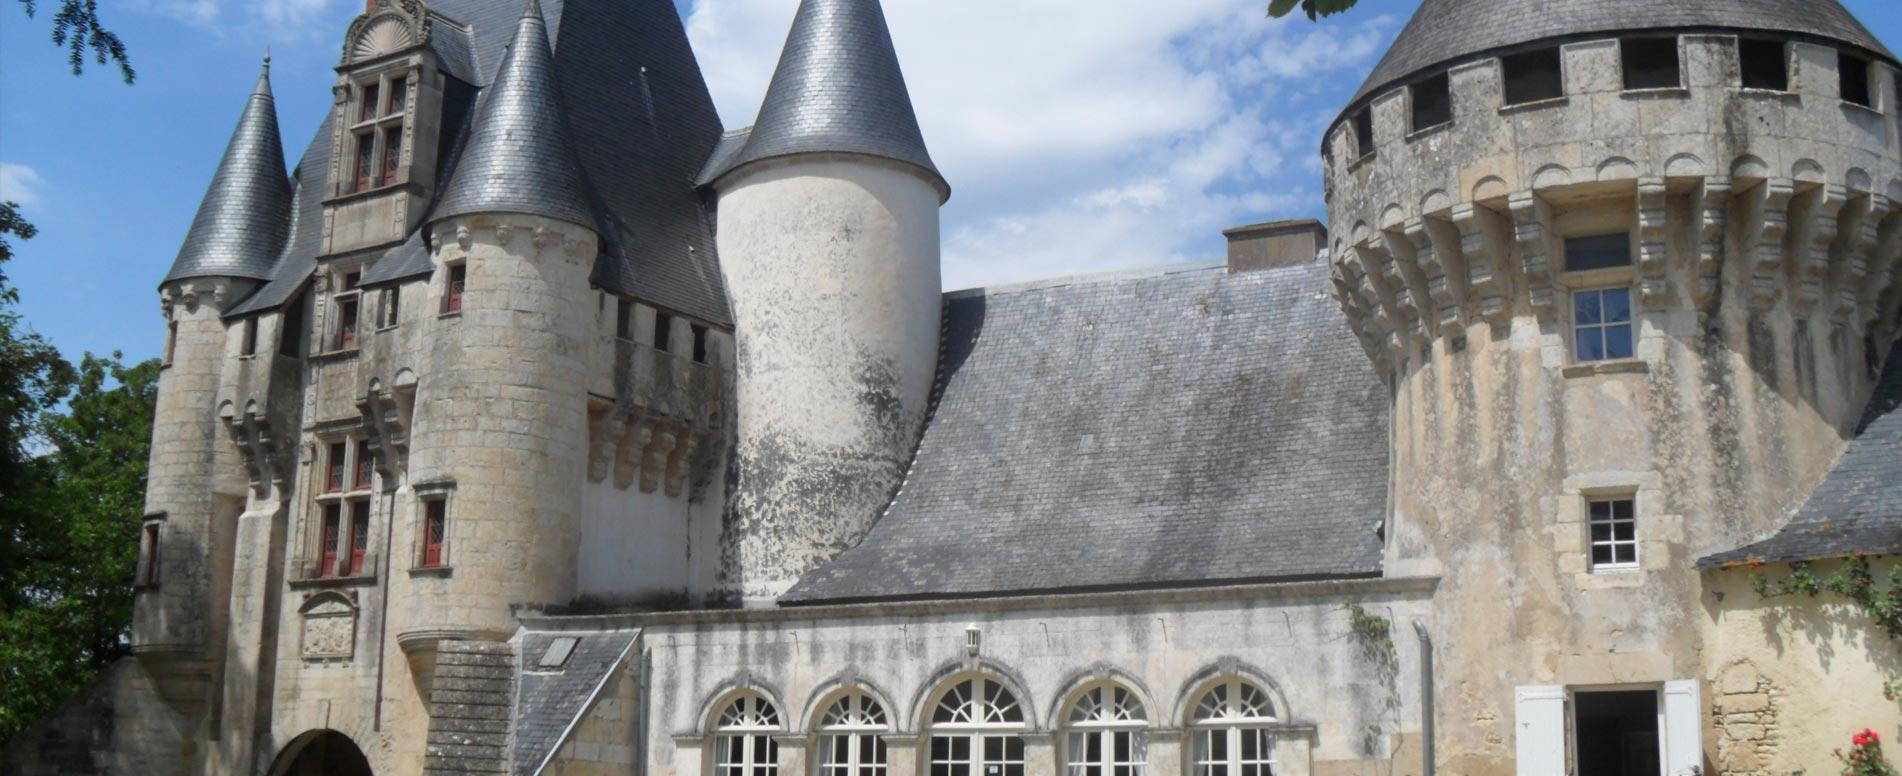 woxx erlensee chateau deux